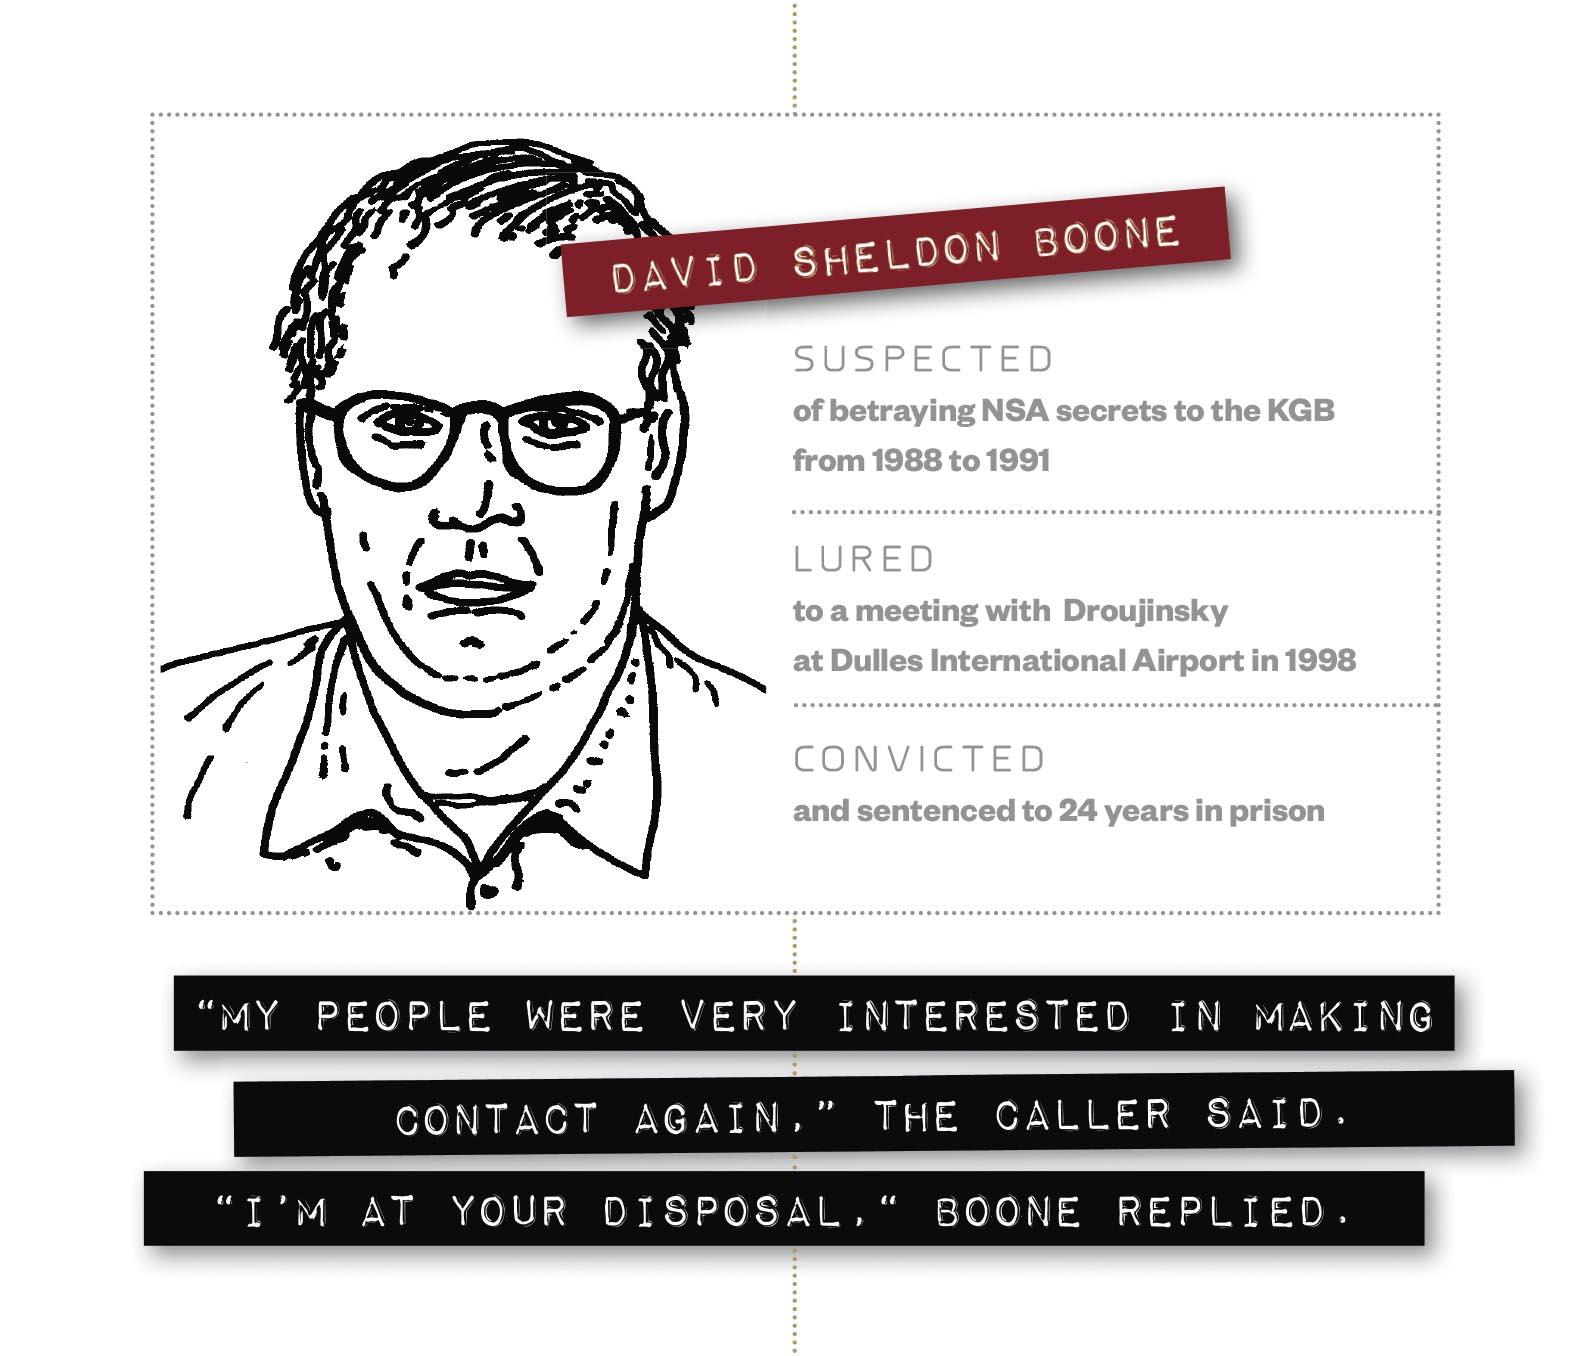 David Sheldon Boone